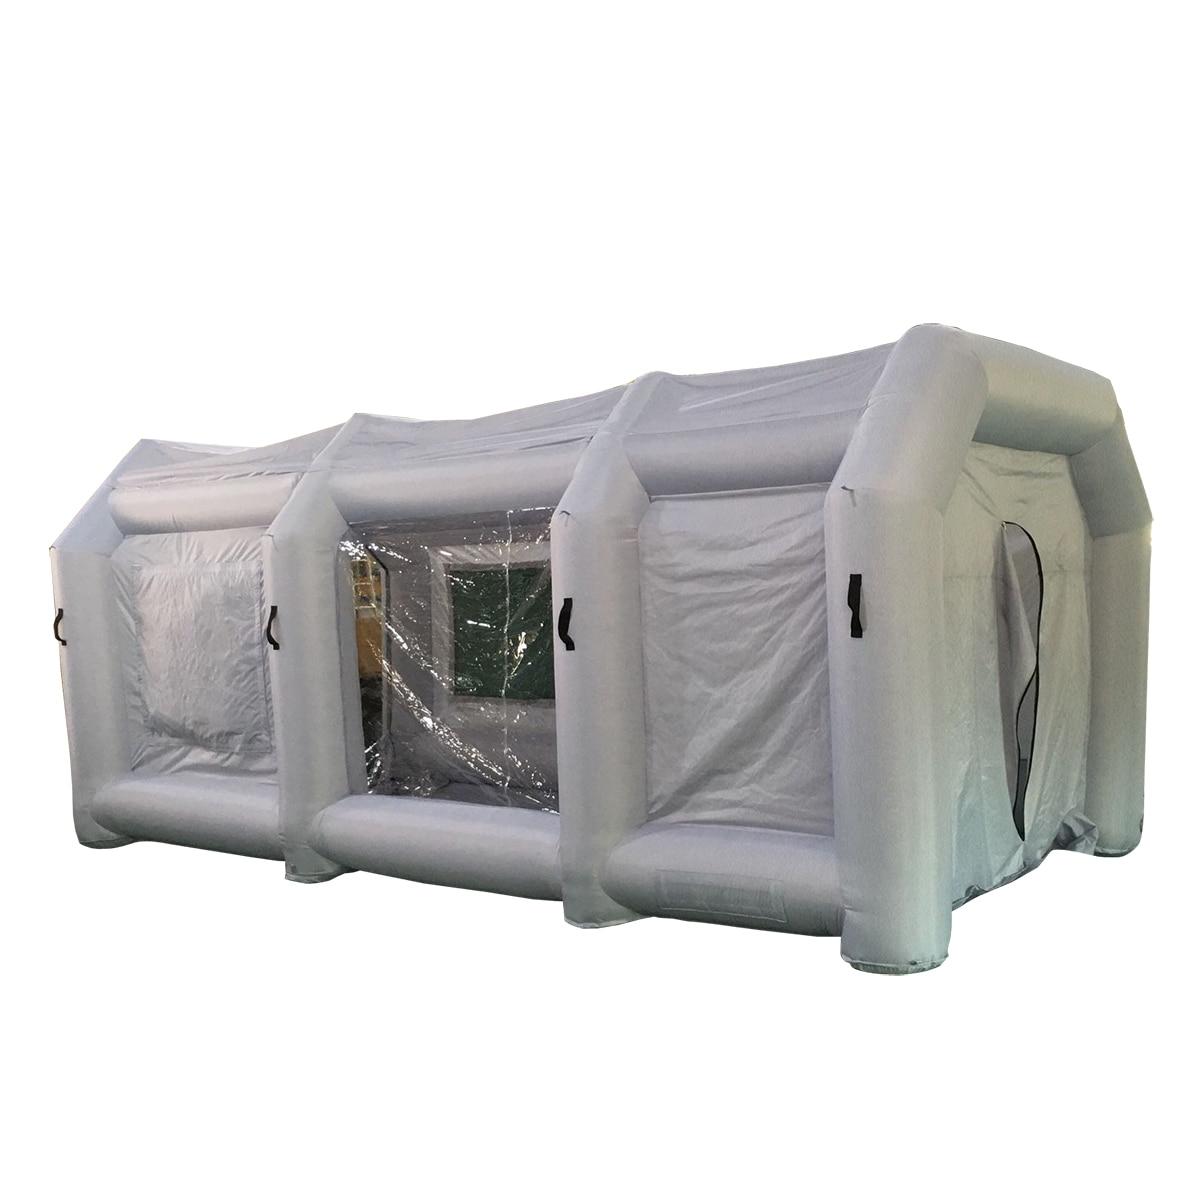 Большой 12 м/8 м гигантские надувные автомобиля рабочей станции Spray Paint Booth палатка Зонт палатки беседки патио сада пользовательские Express